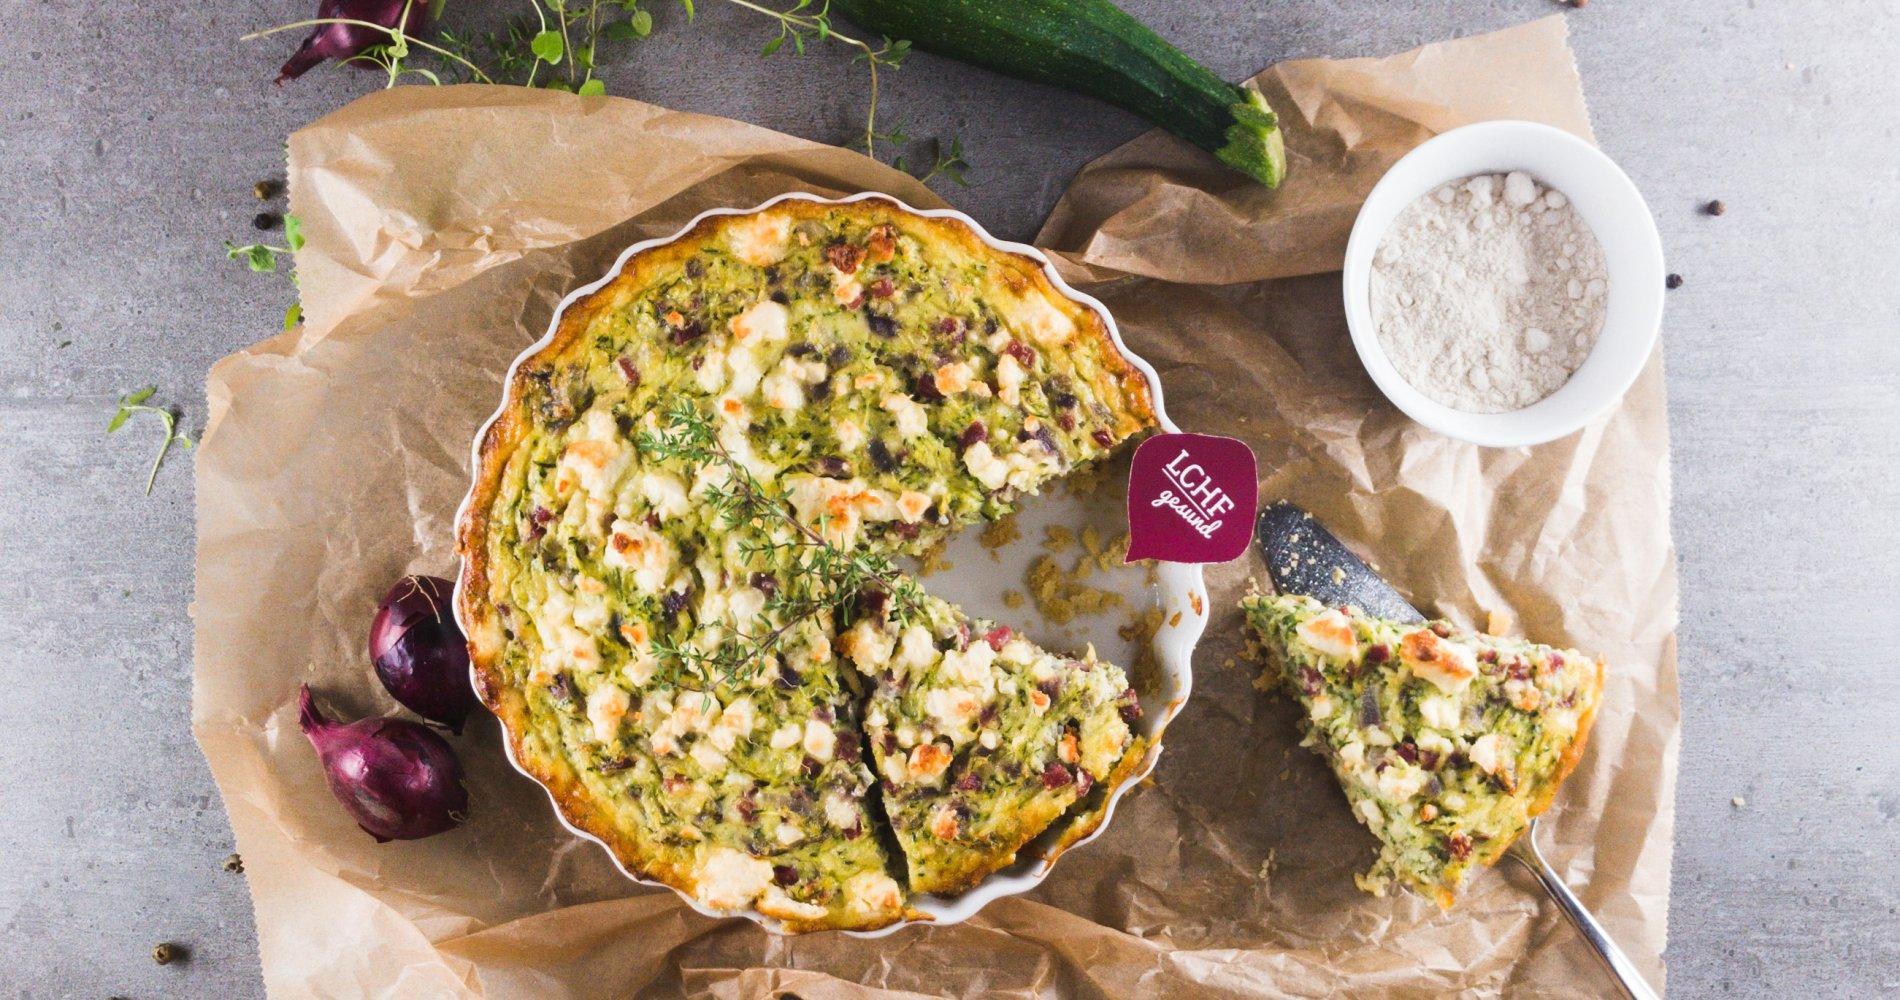 Rezept Low Carb: Herzhafte Zucchini-Quiche - LCHF-gesund.de